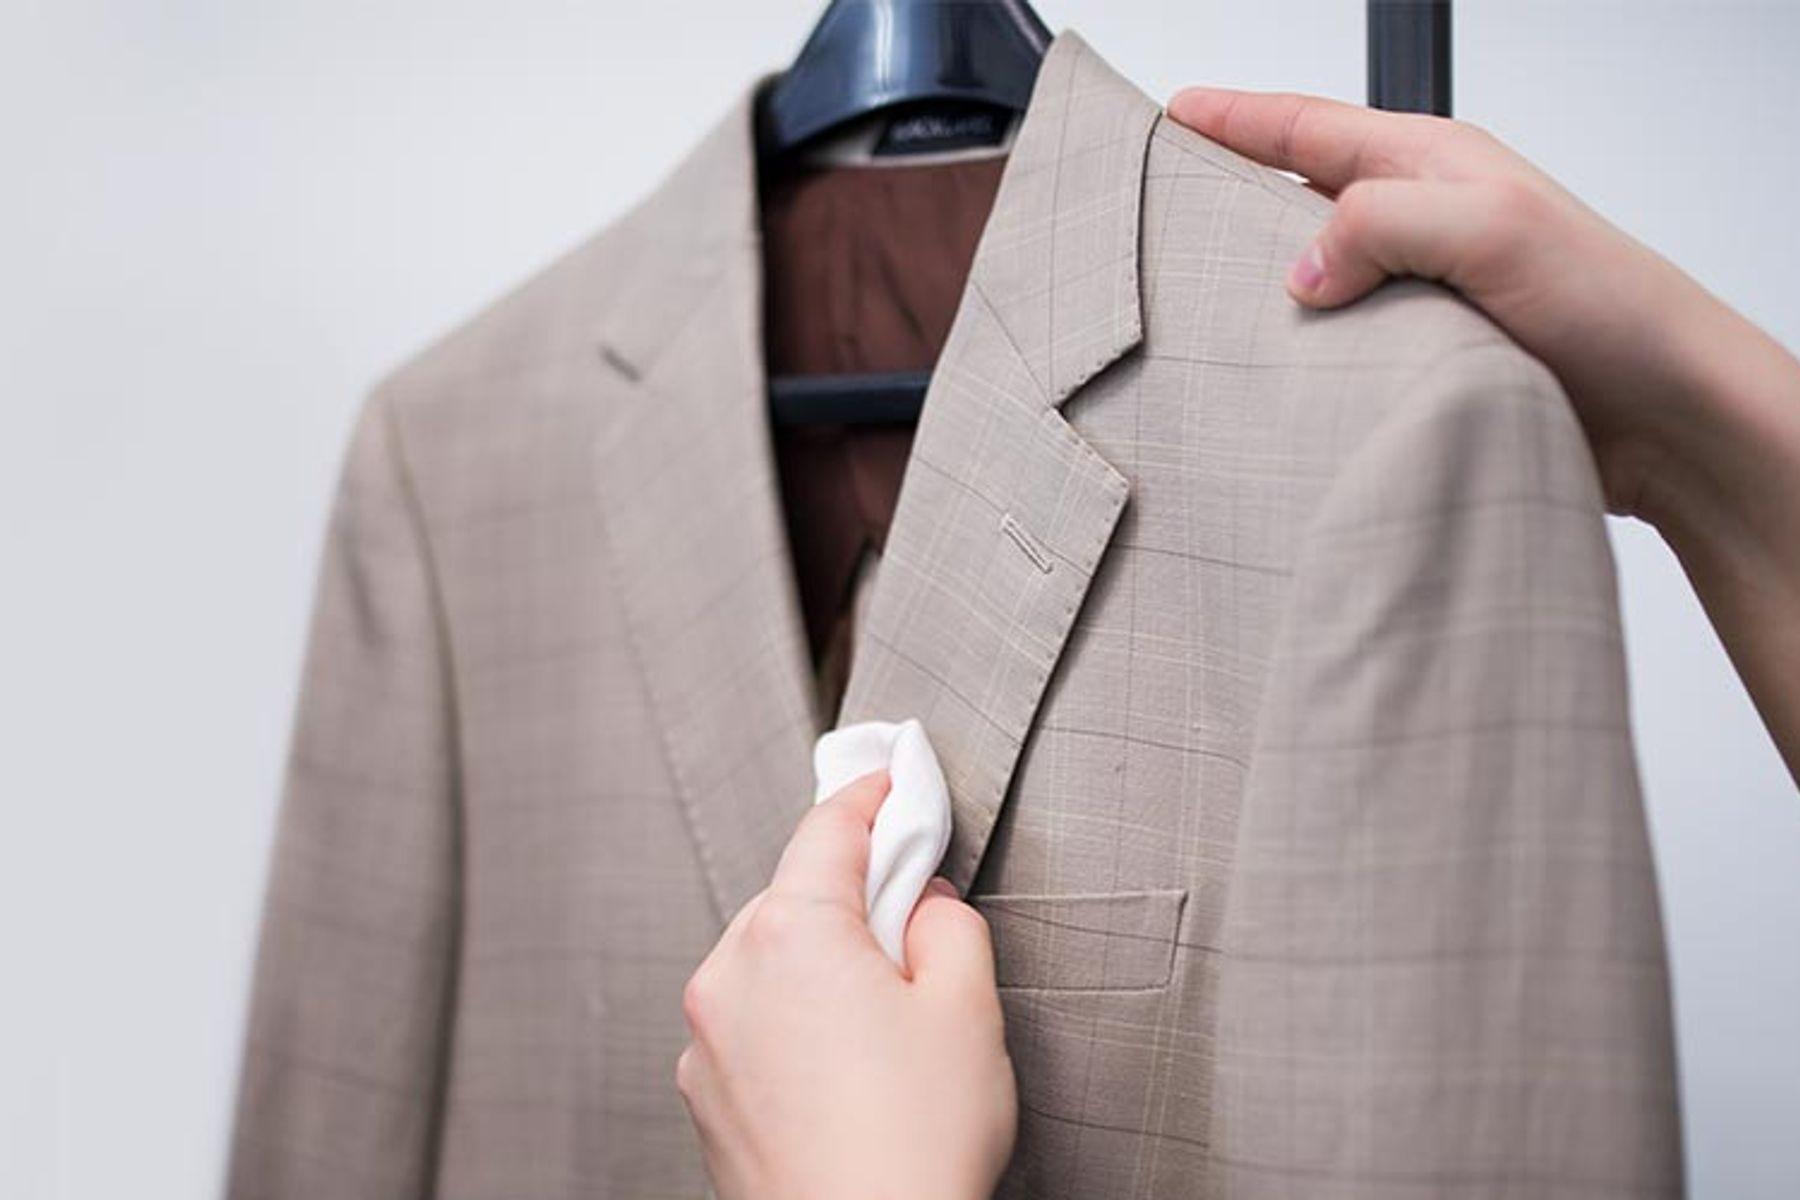 Những lưu ý giặt áo vest, dùng khăn lau sạch vết bẩn trên áo vest trước khi giặt